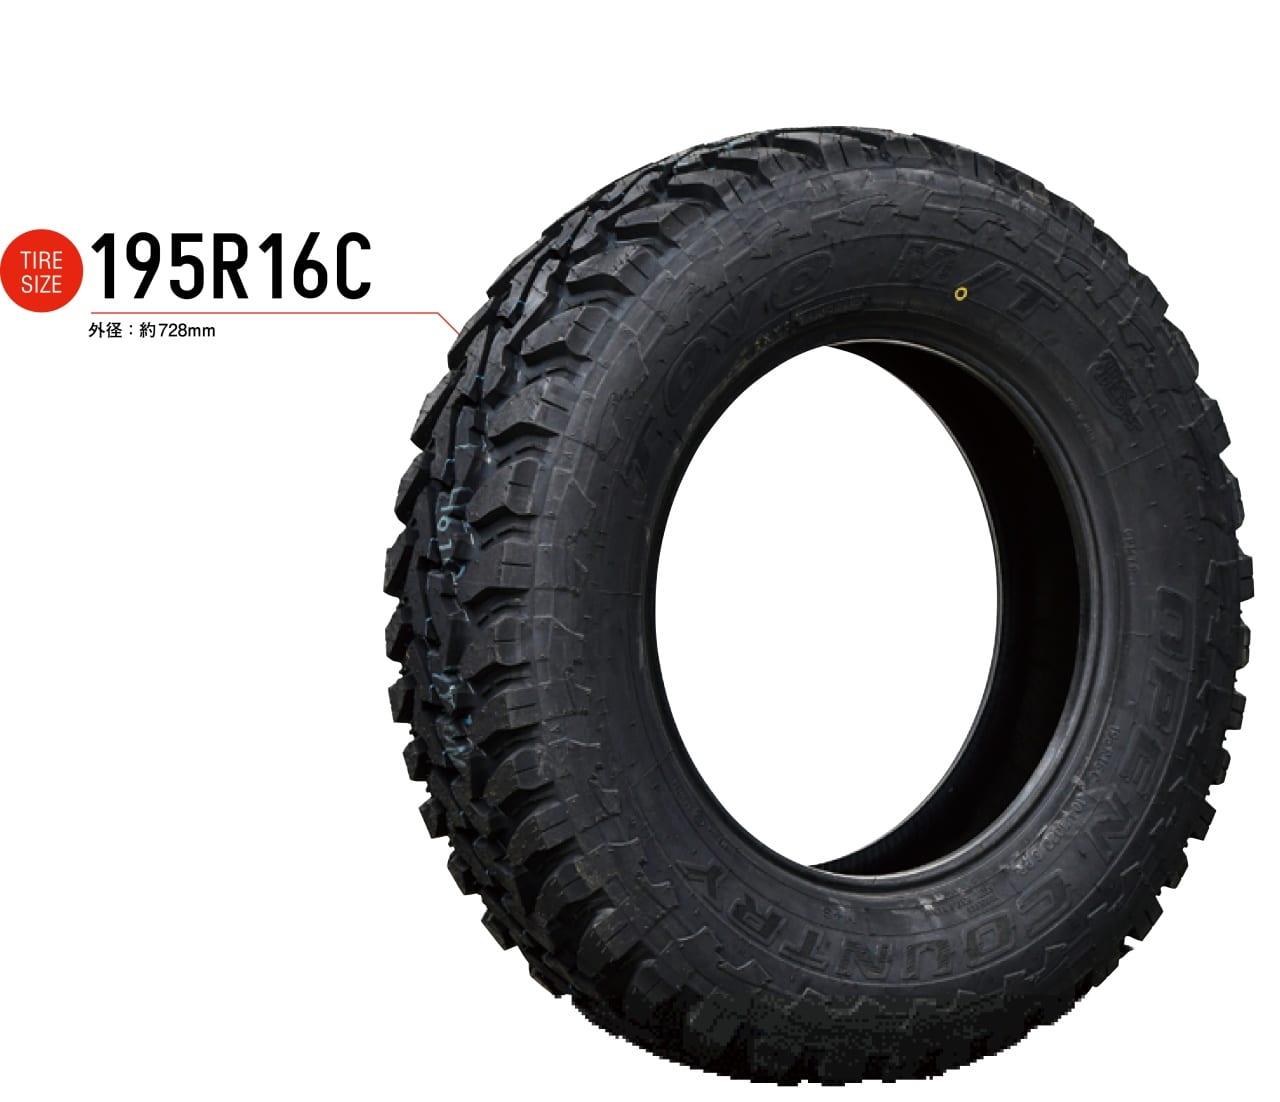 〈スズキ・ジムニー/シエラ JB64・74〉16インチのオフ系タイヤ選び! Vol.2 純正車高 & 2inchアップにベストマッチ編 その2